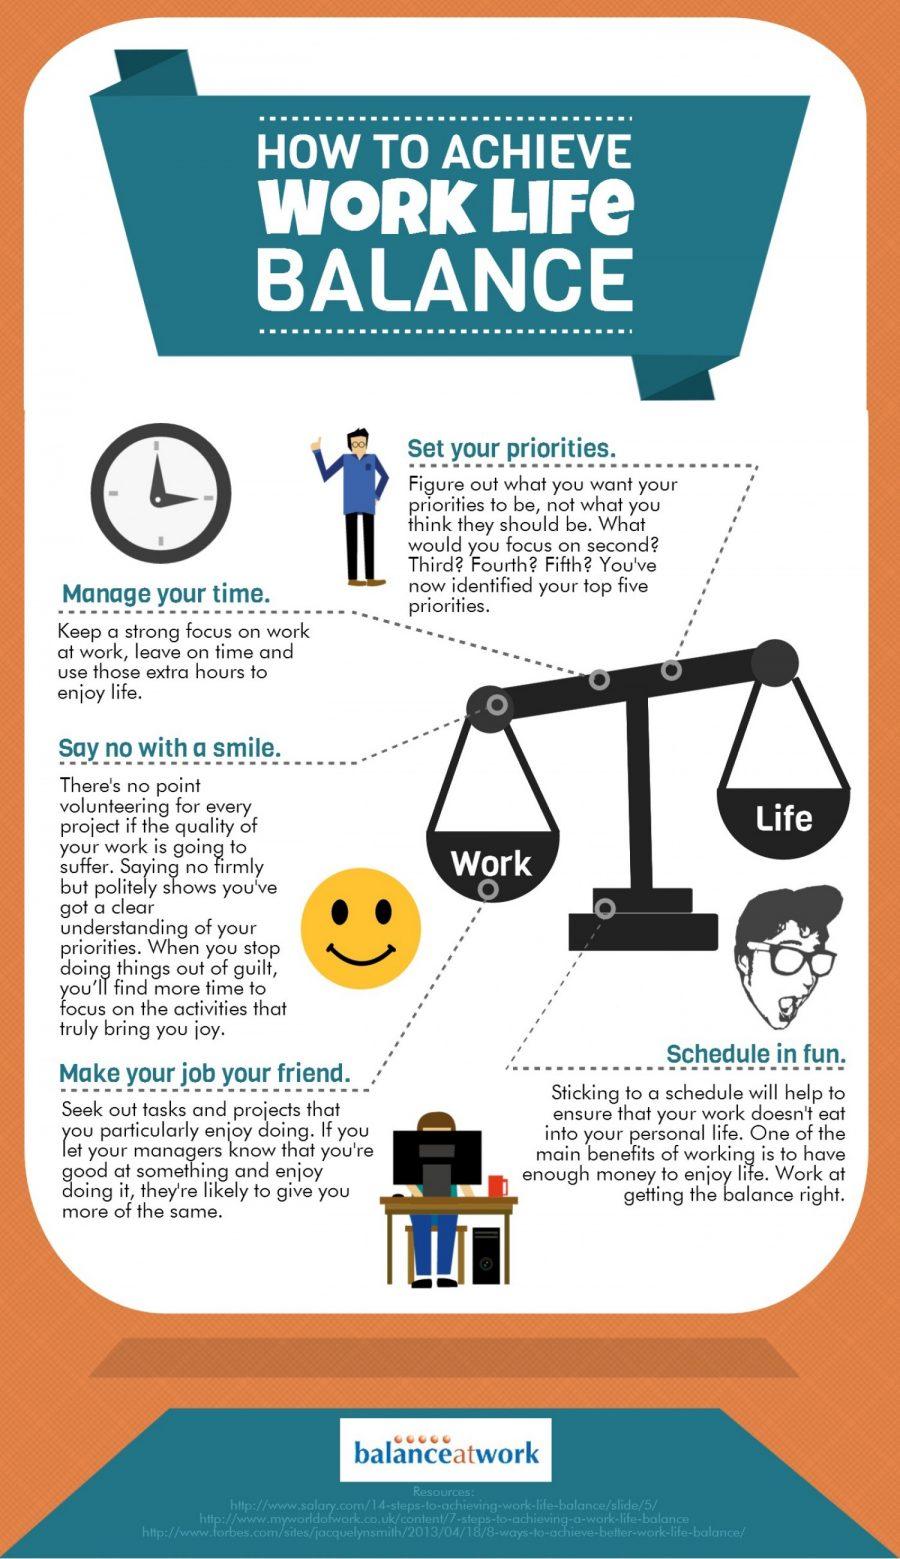 how-to-achieve-work-life-balance_5347586c17913_w1500